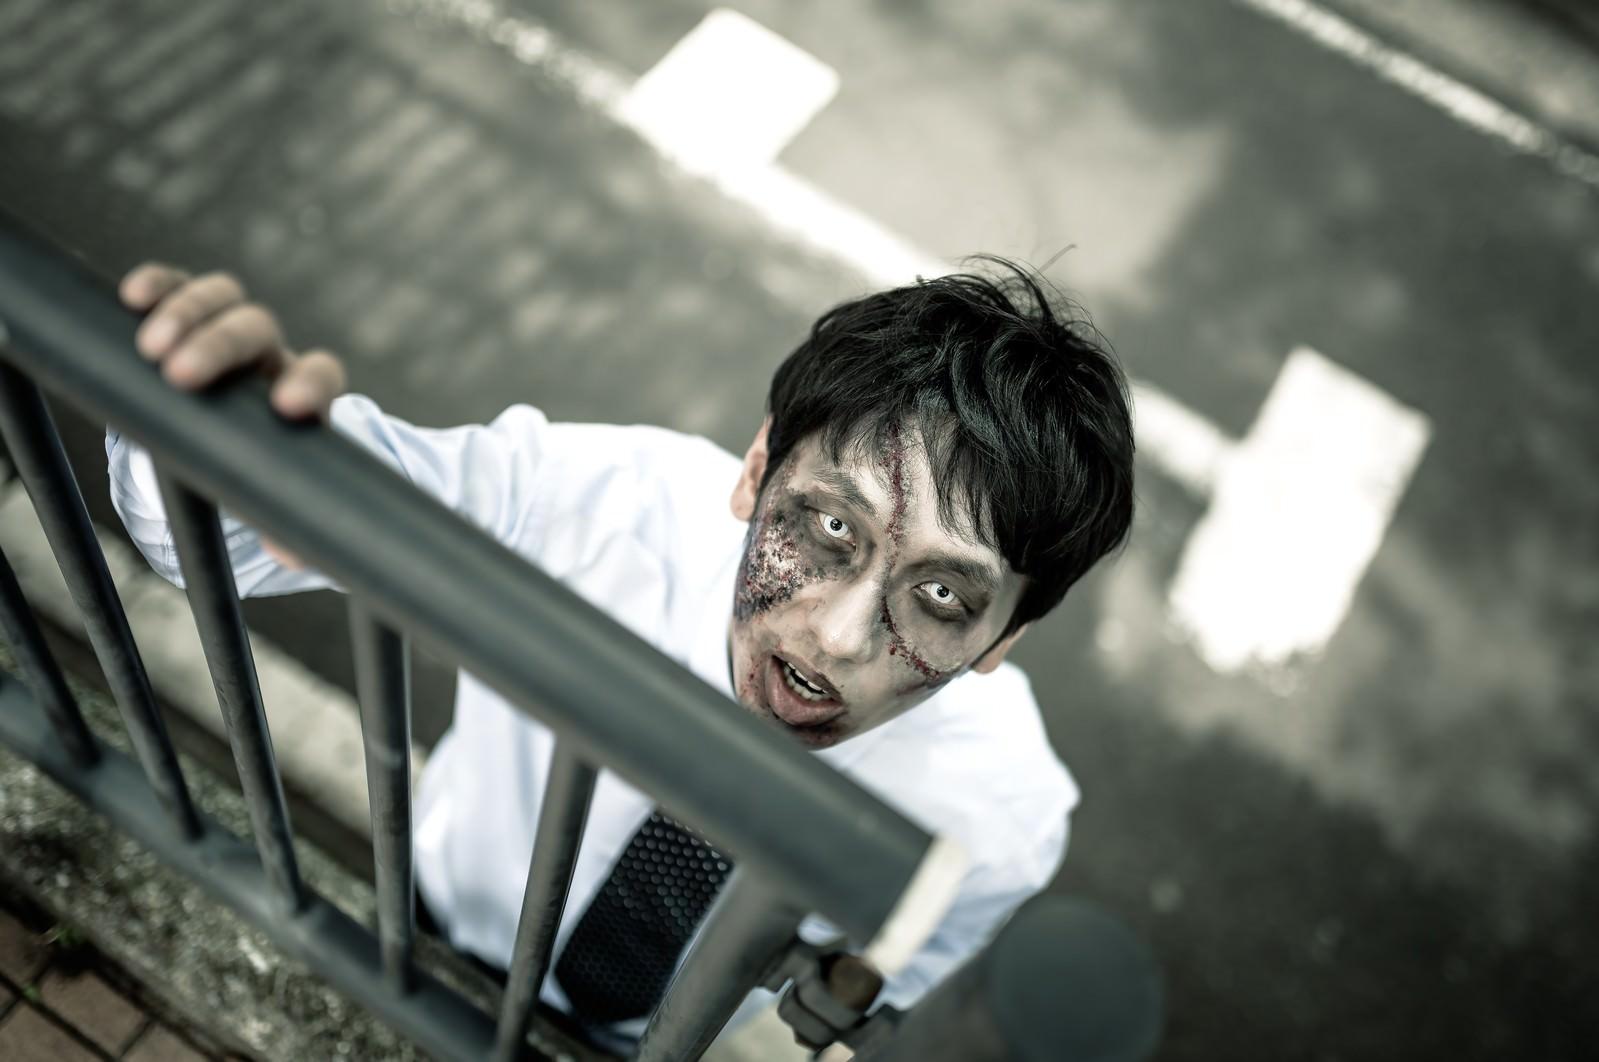 「「俺はまだ人間だ!助けてくれ!」と柵越しに訴えかけてくるほぼアウトな男性 | 写真の無料素材・フリー素材 - ぱくたそ」の写真[モデル:大川竜弥]